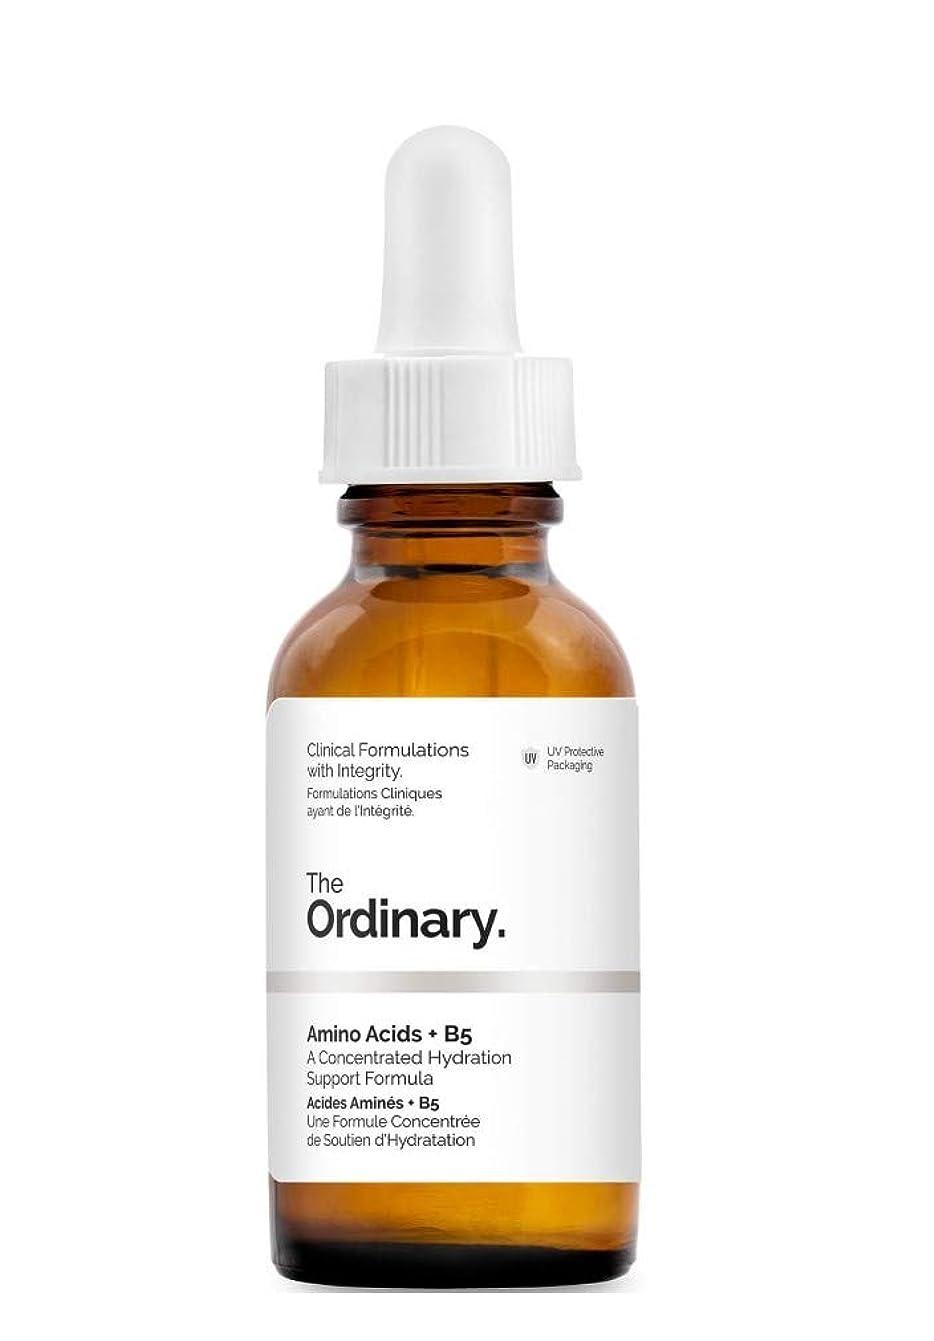 損傷ロッジ軽減するThe Ordinary☆ジ オーディナリーAmino Acids+B5(アミノ酸 + B5)30ml [並行輸入品]